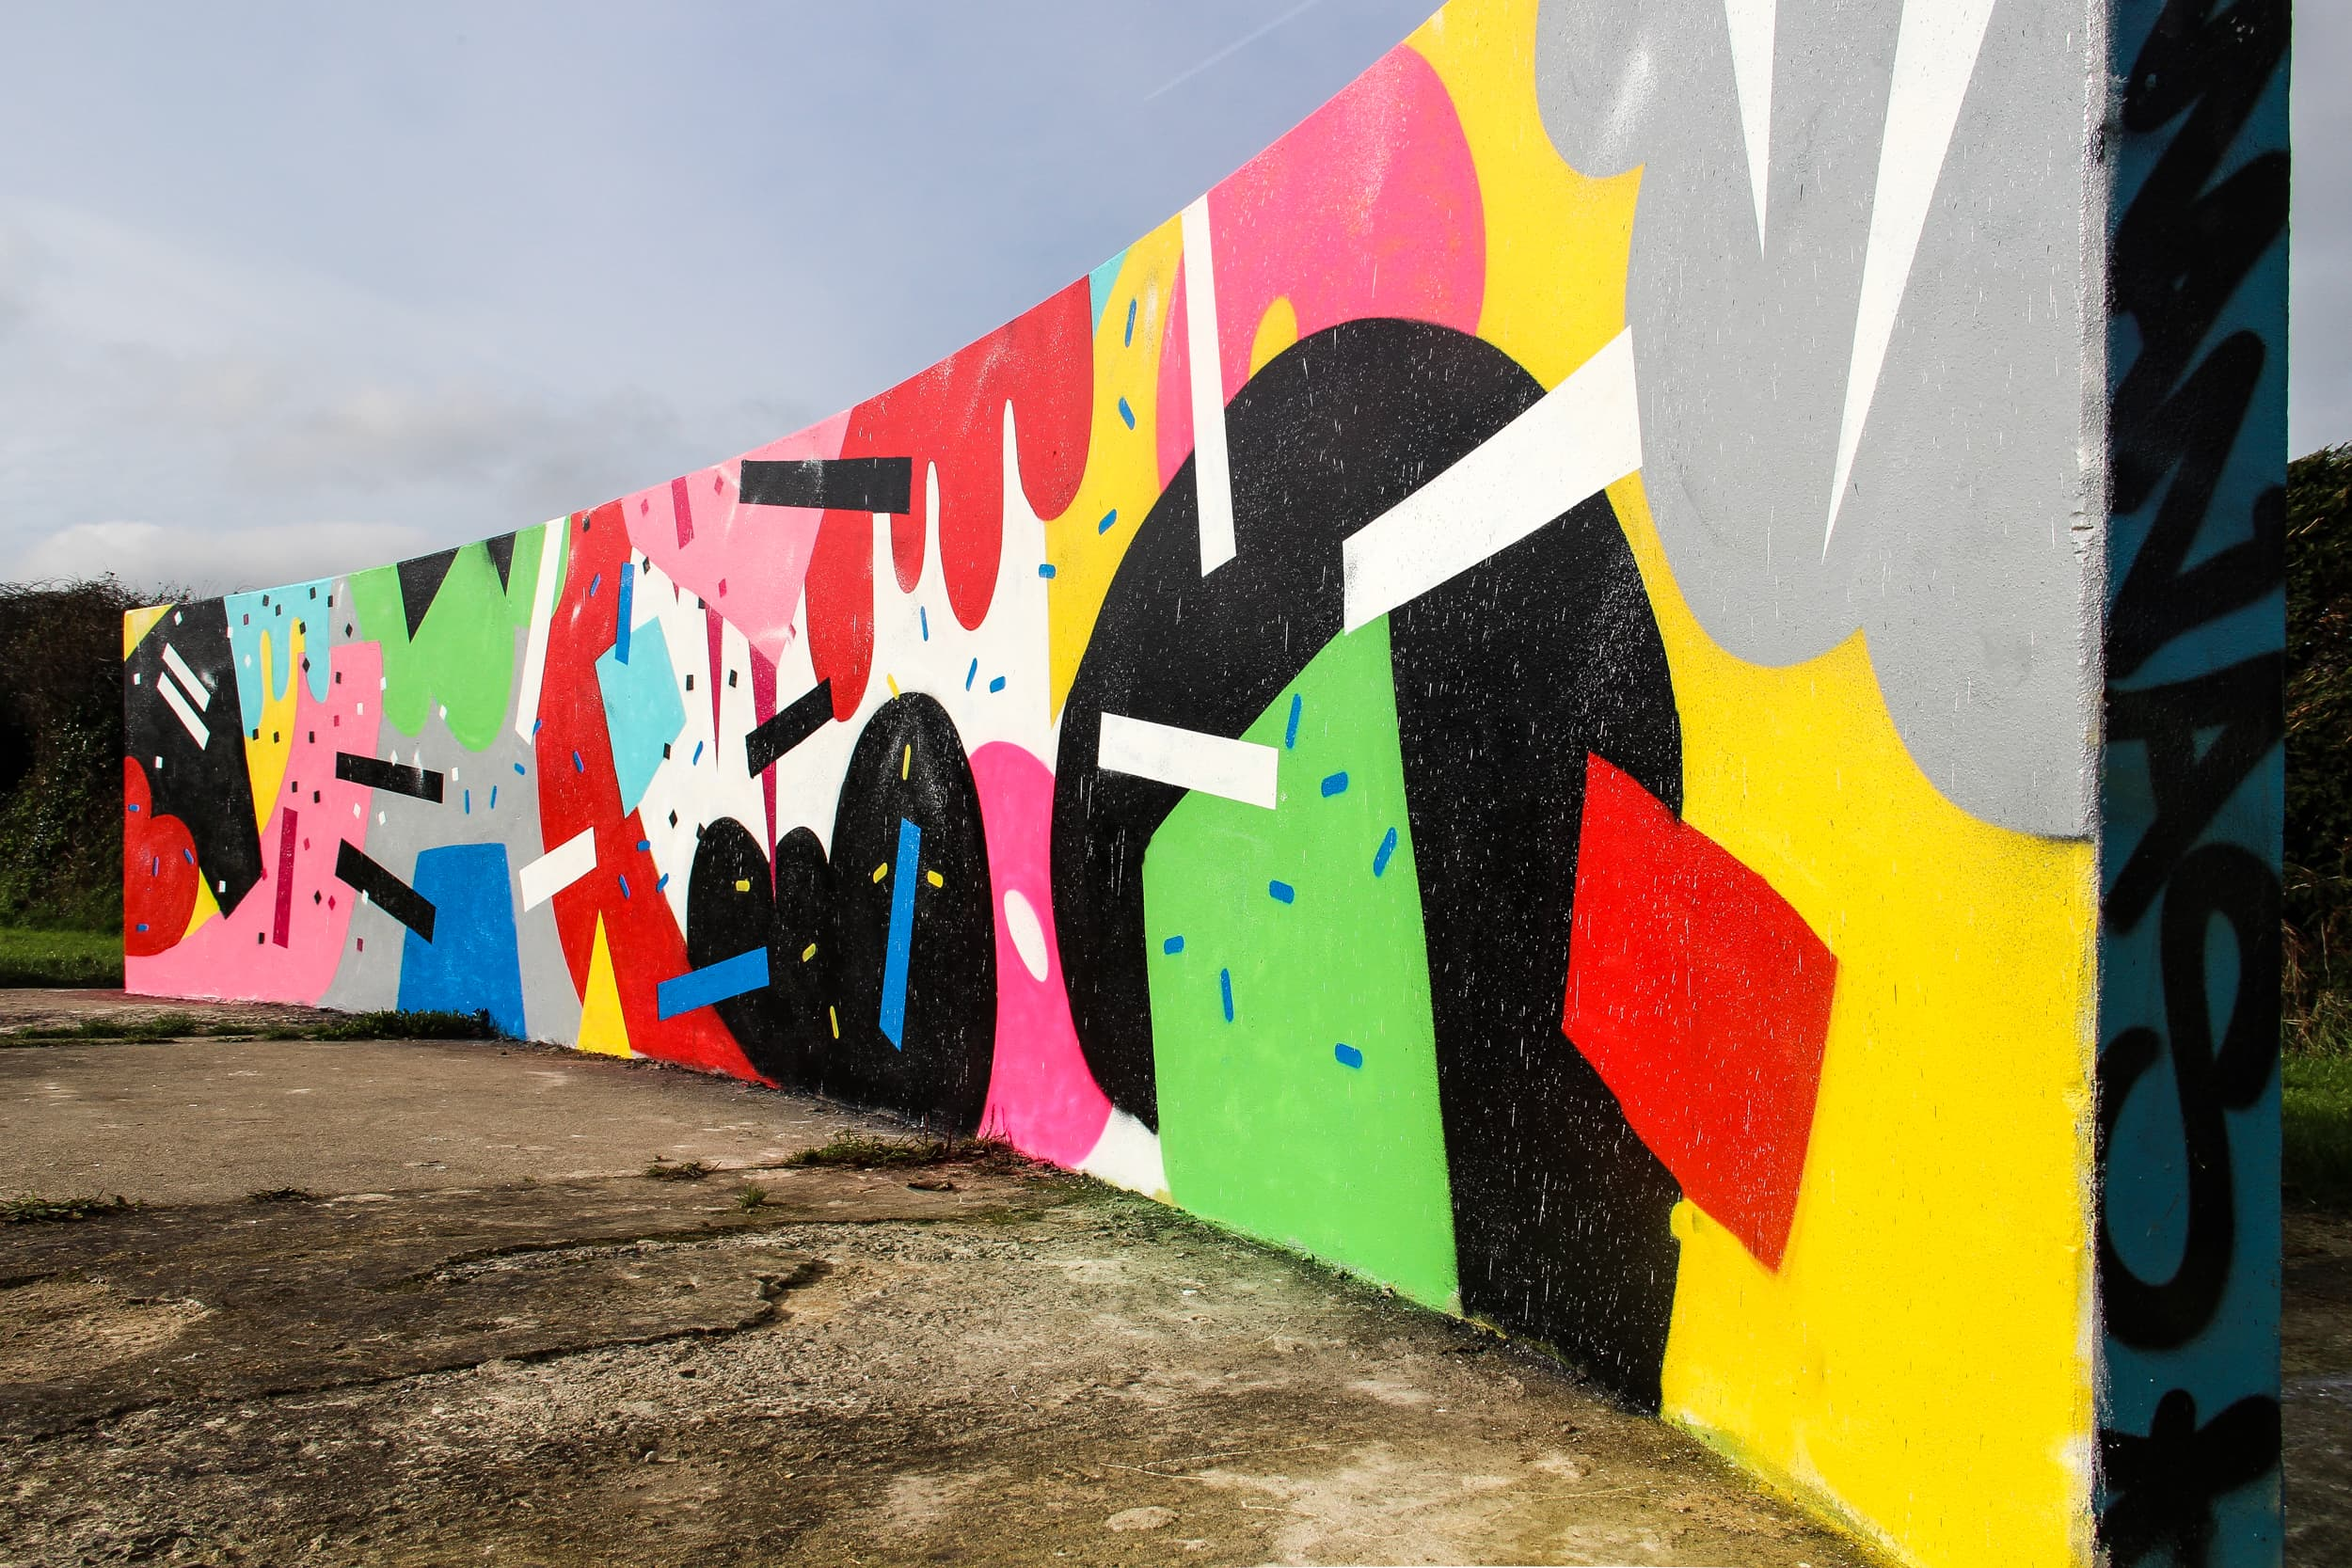 callington fun abstract wall shapes and colours cornwall